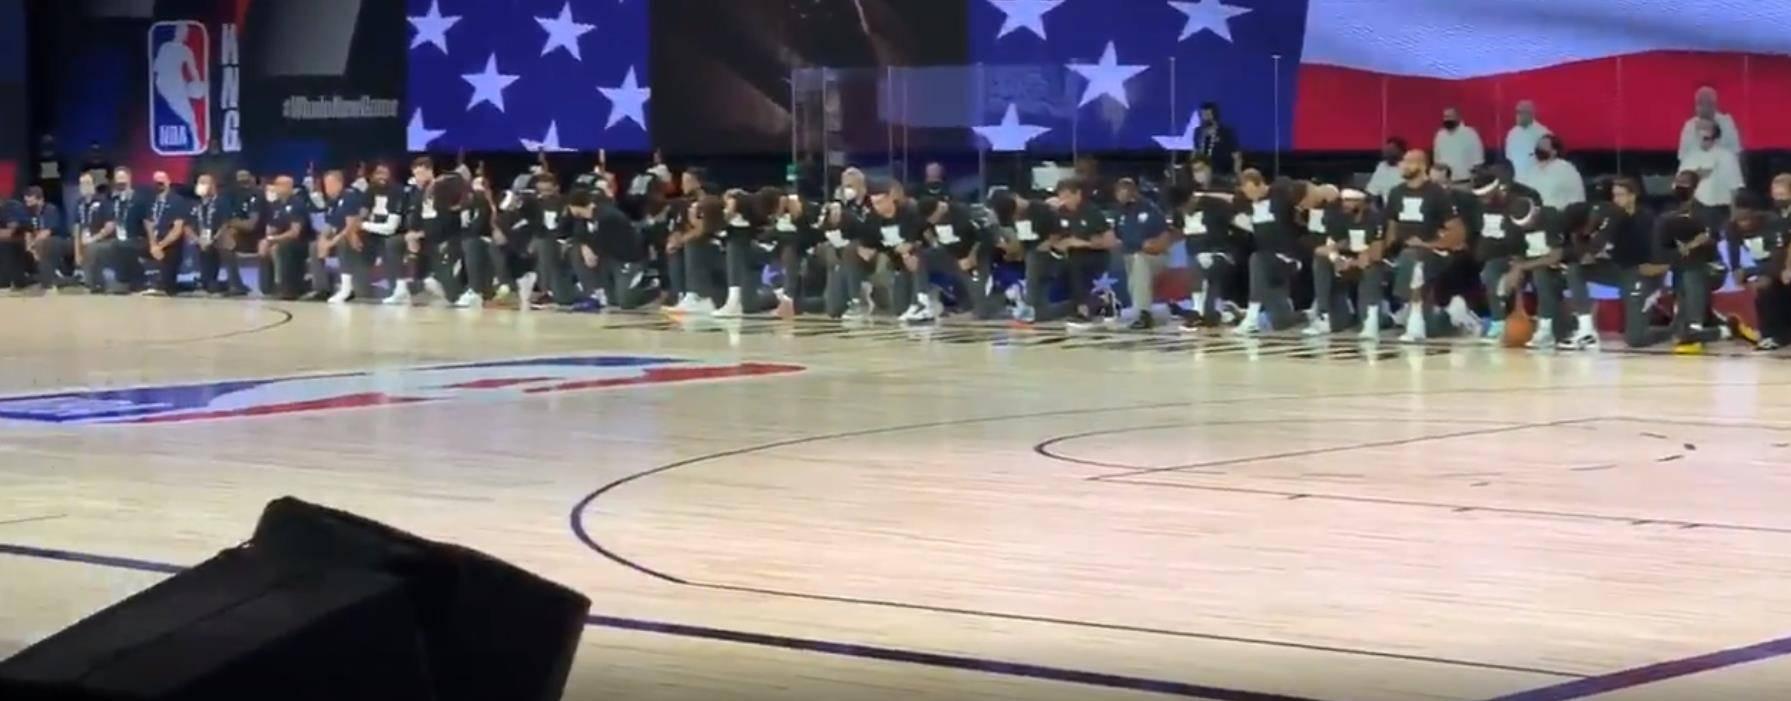 复赛揭幕战鹈鹕爵士球员集体下跪